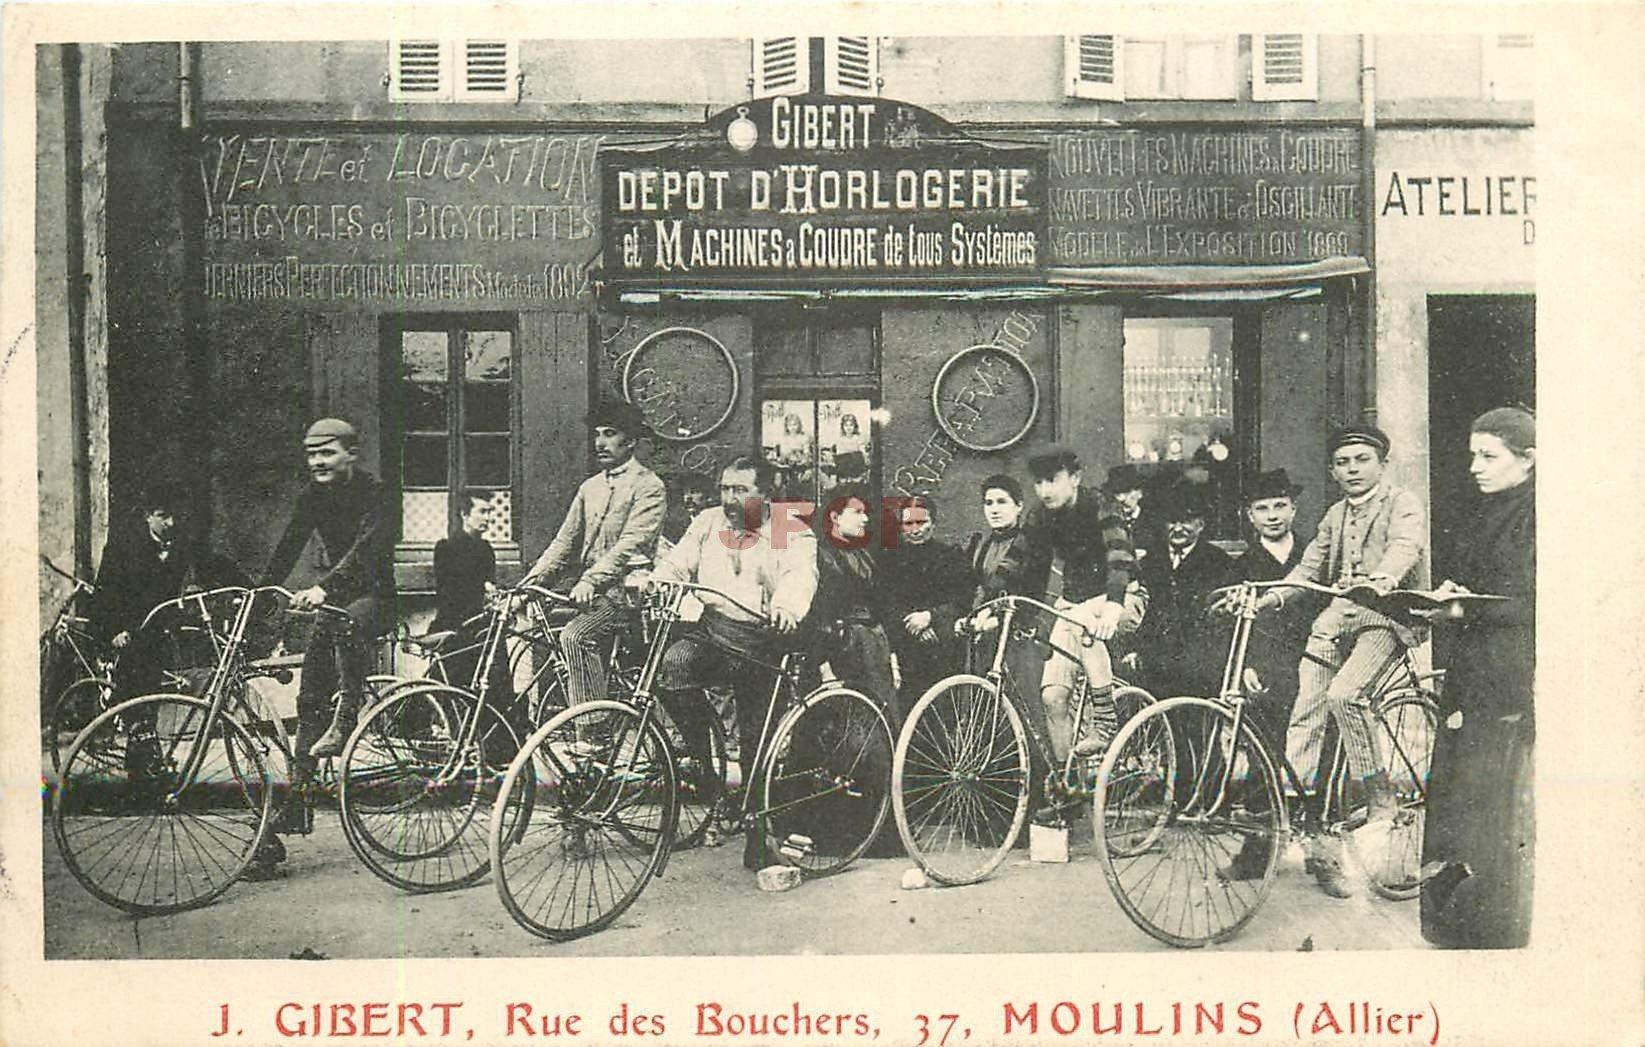 03 MOULINS. Gibert Horlogerie, Machines à coudre et Bicyclettes 37 rue des Bouchers 1907